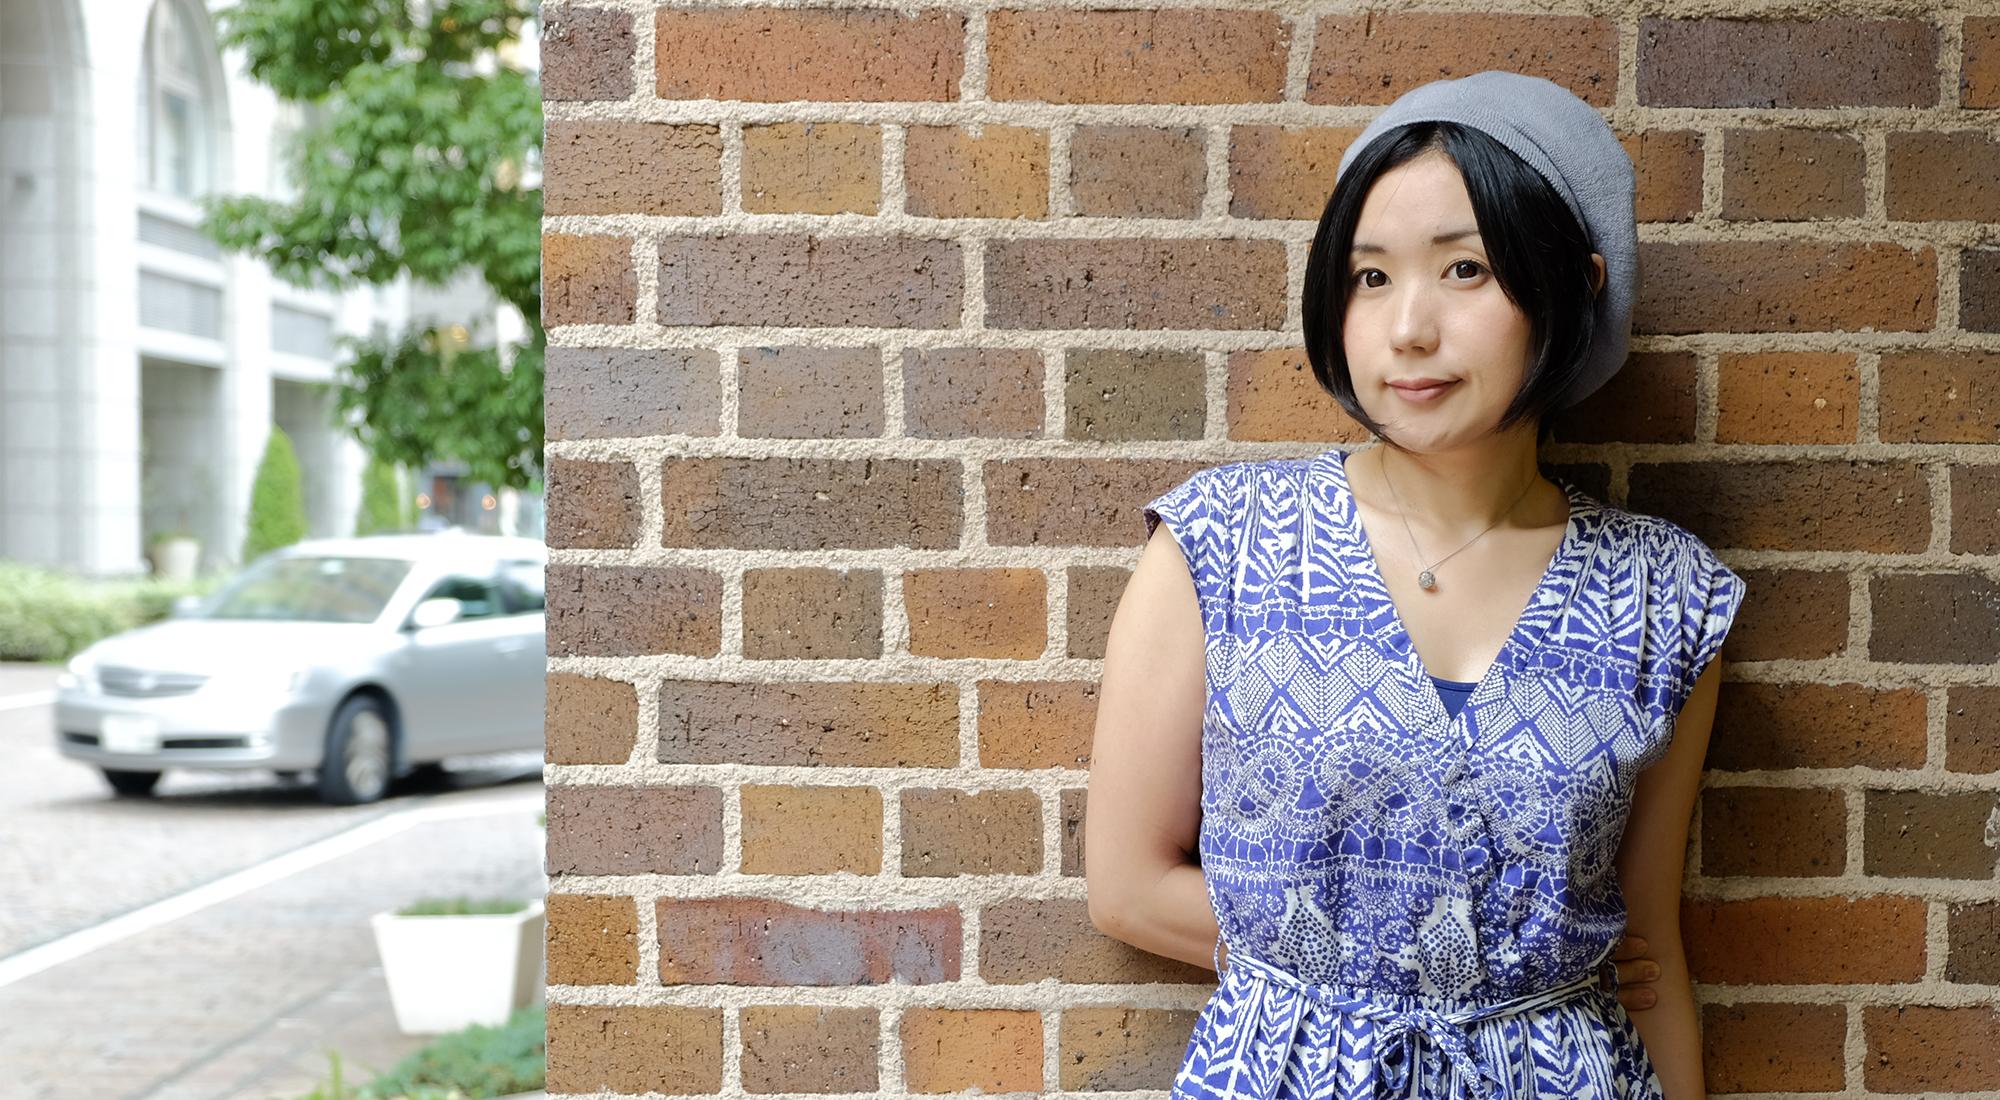 弓月ひろみ 公式サイト -Yuzuki Hiromi Official site-